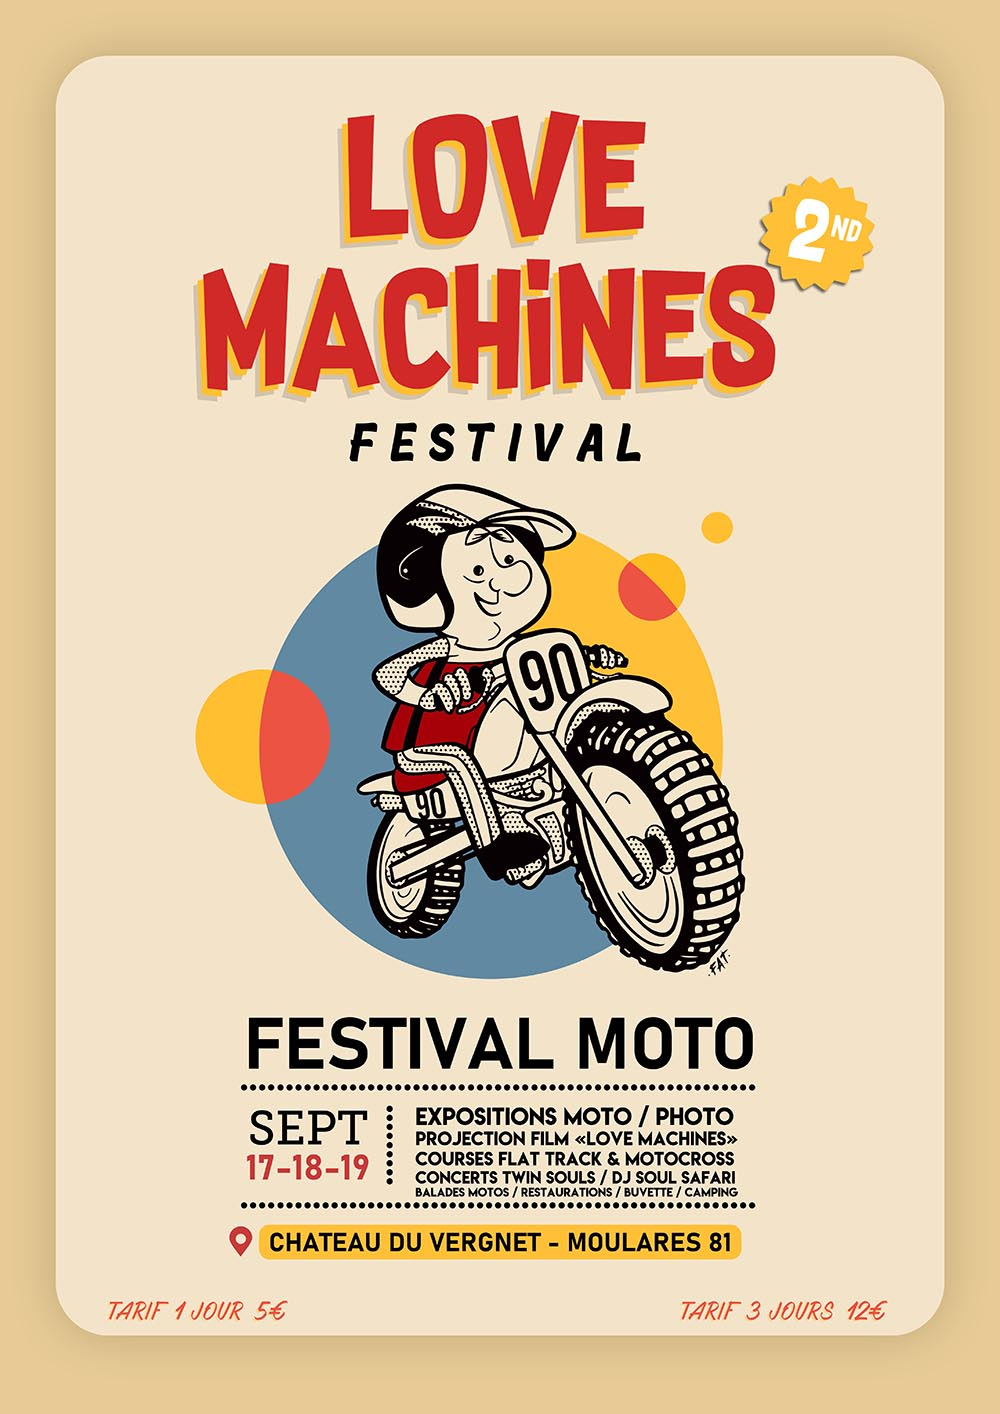 Love Machine II à Moularès (81) 17-19 Sept. Love-m10